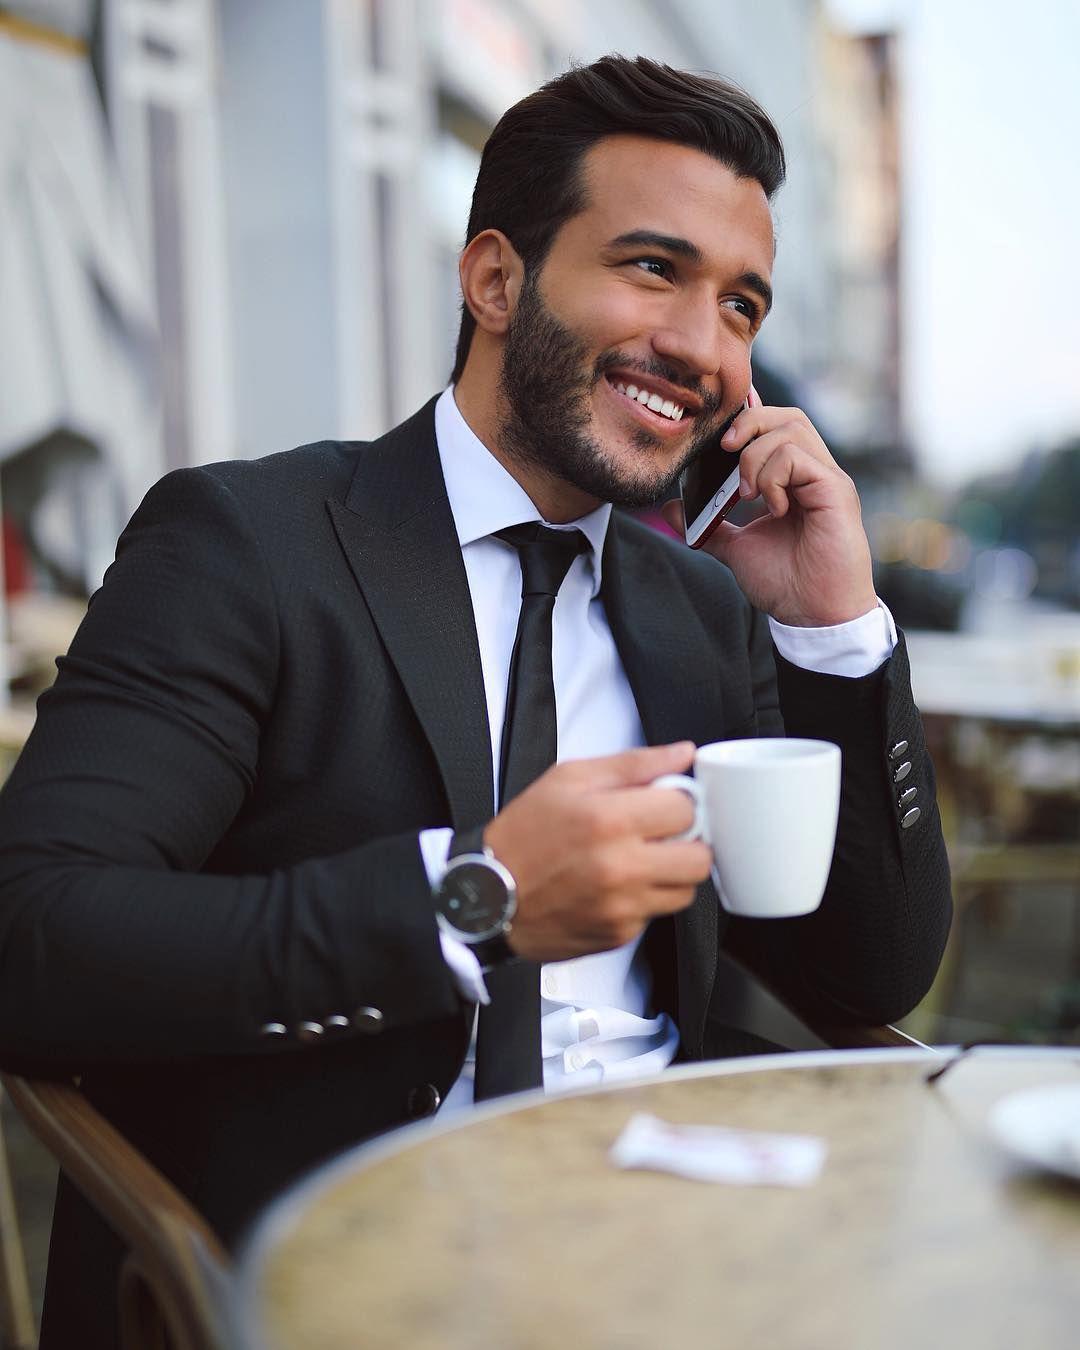 Suit may đo cho trung niên tuổi 40